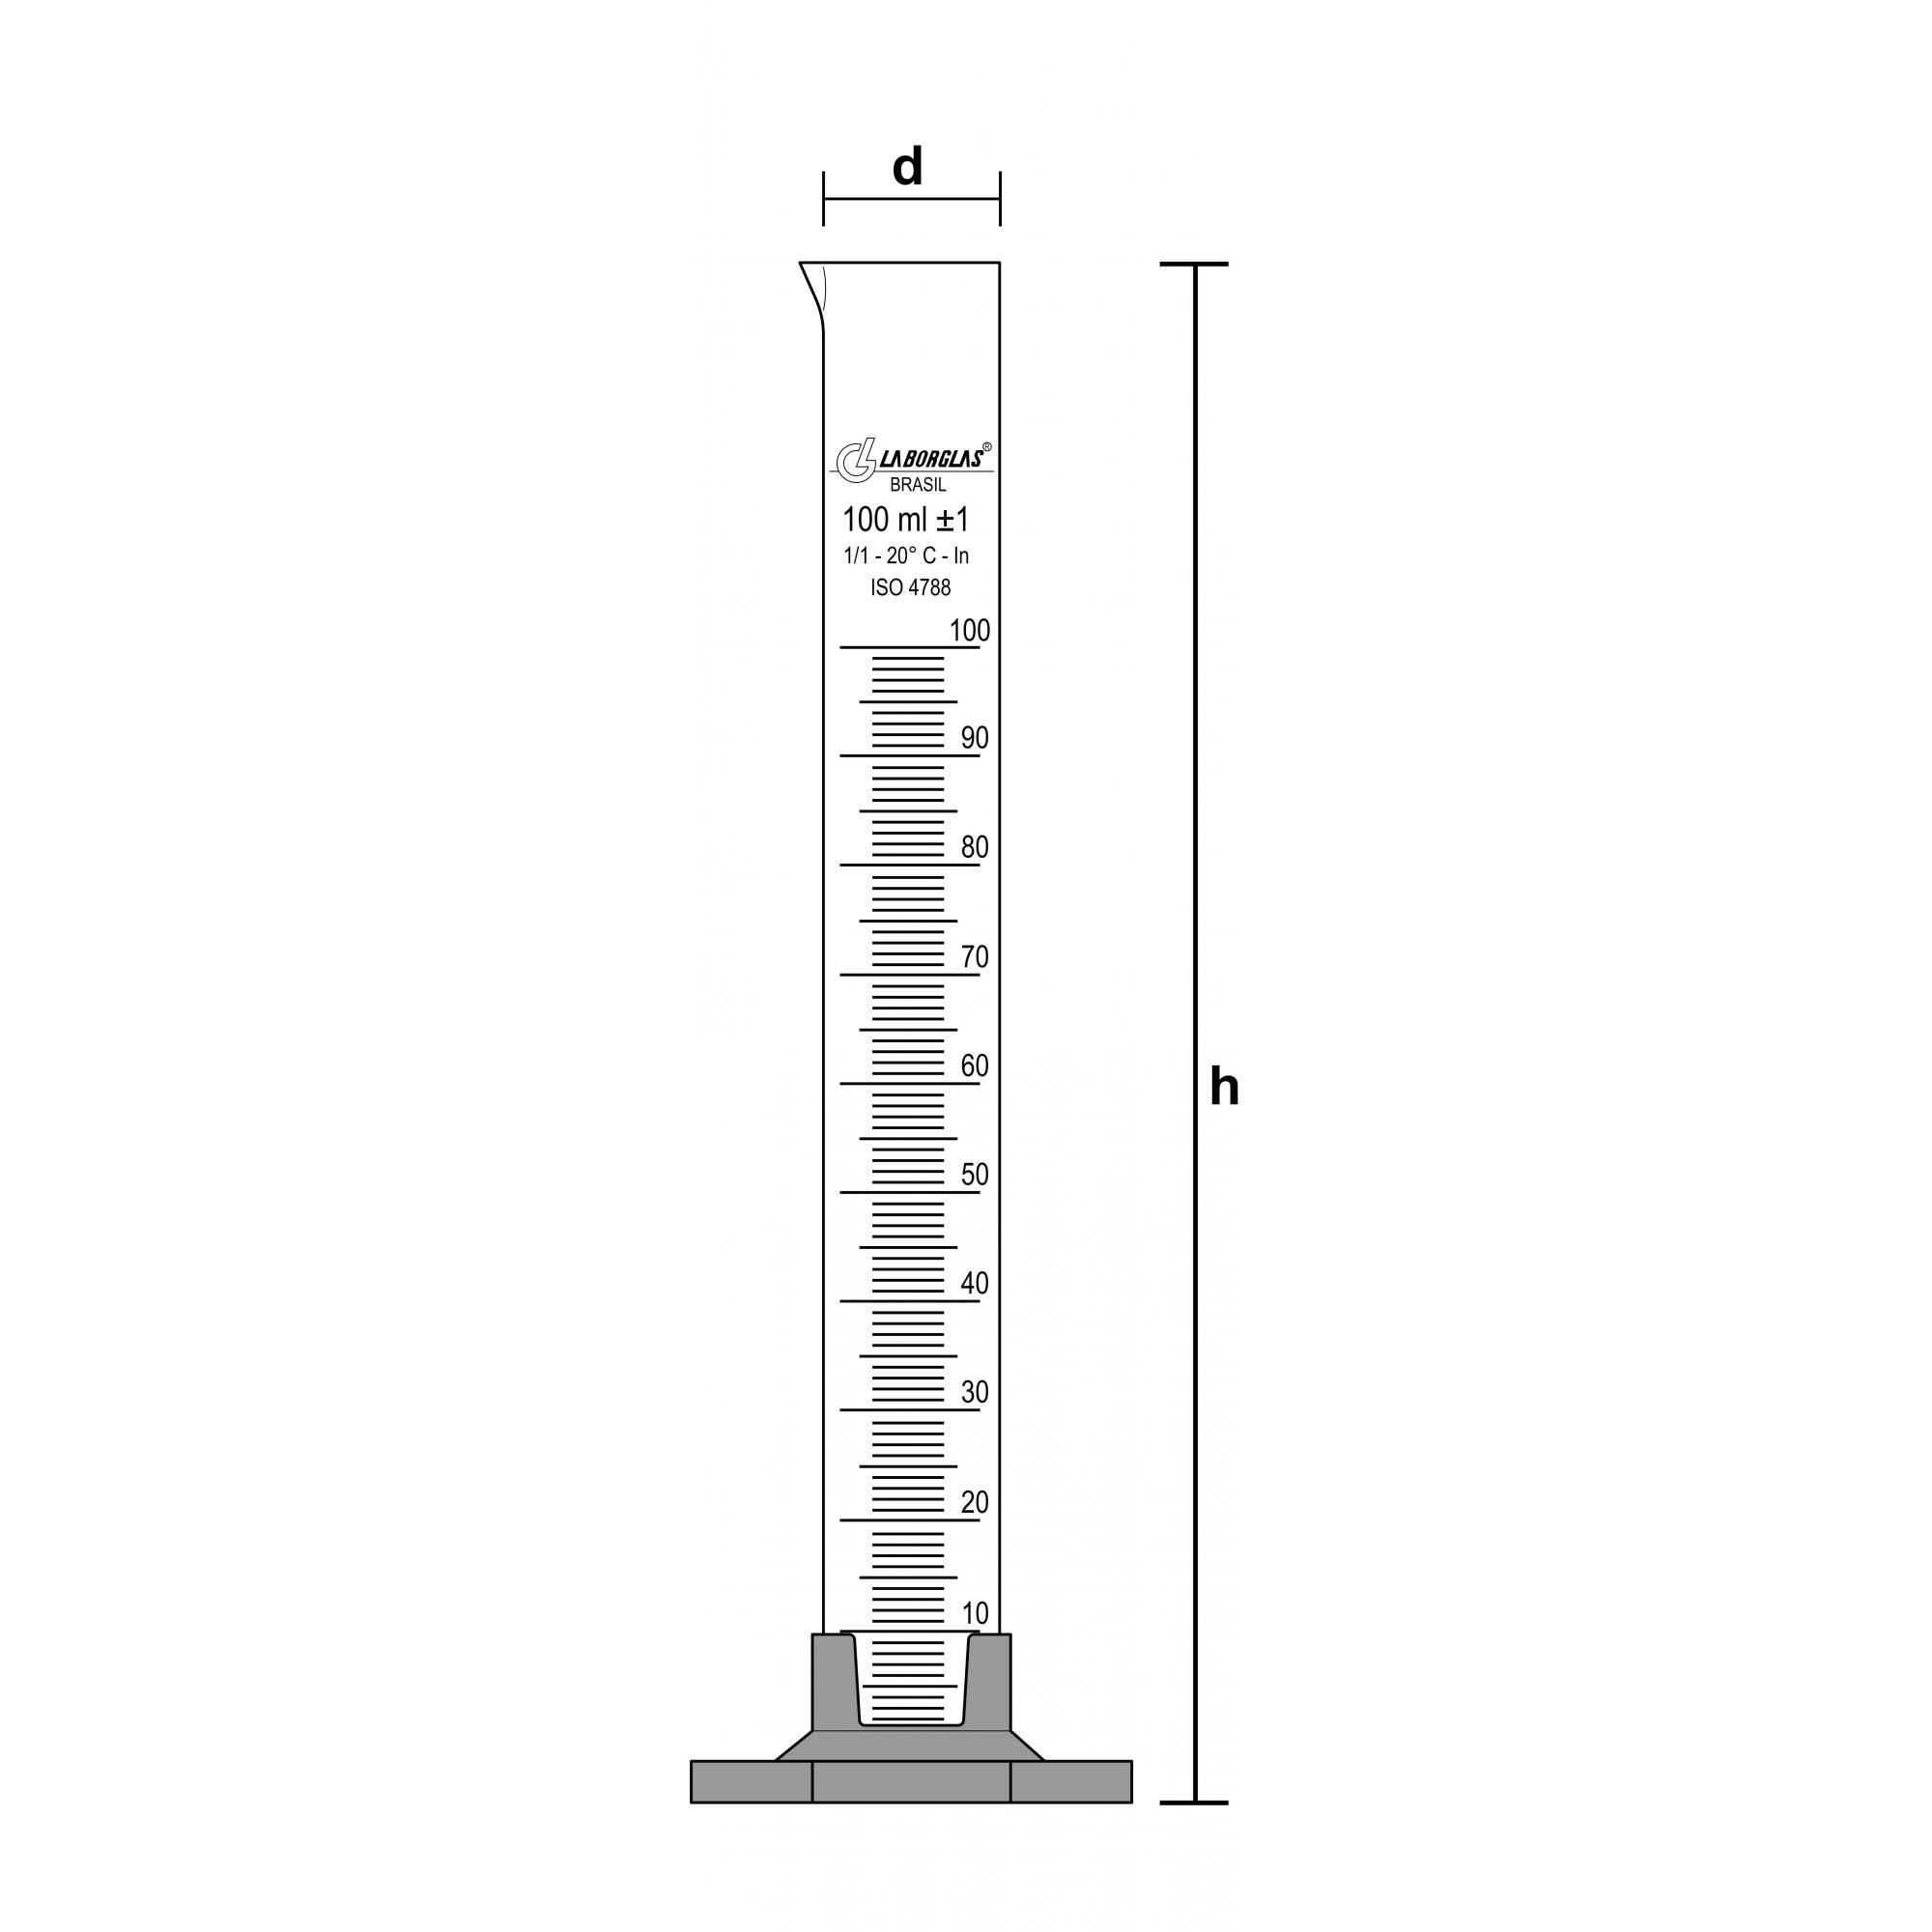 PROVETA GRADUADA BASE HEXAGONAL DE POLIPROPILENO 150 ML - Laborglas - Cód. 9138629